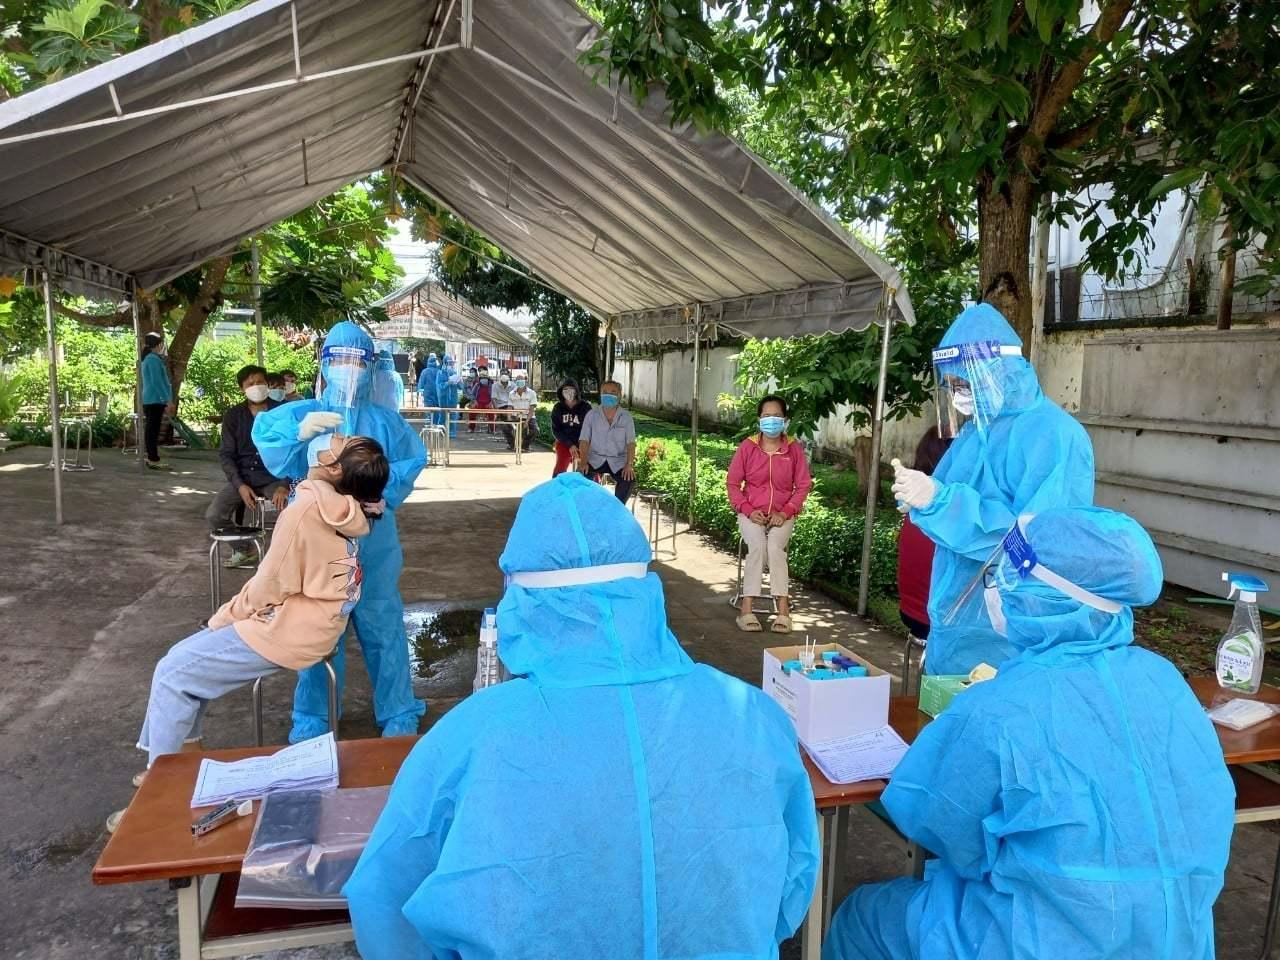 Chuyên gia BV Bạch Mai: 'Cần phân loại phòng hộ cho nhân viên y tế theo vùng xanh, vàng, đỏ'